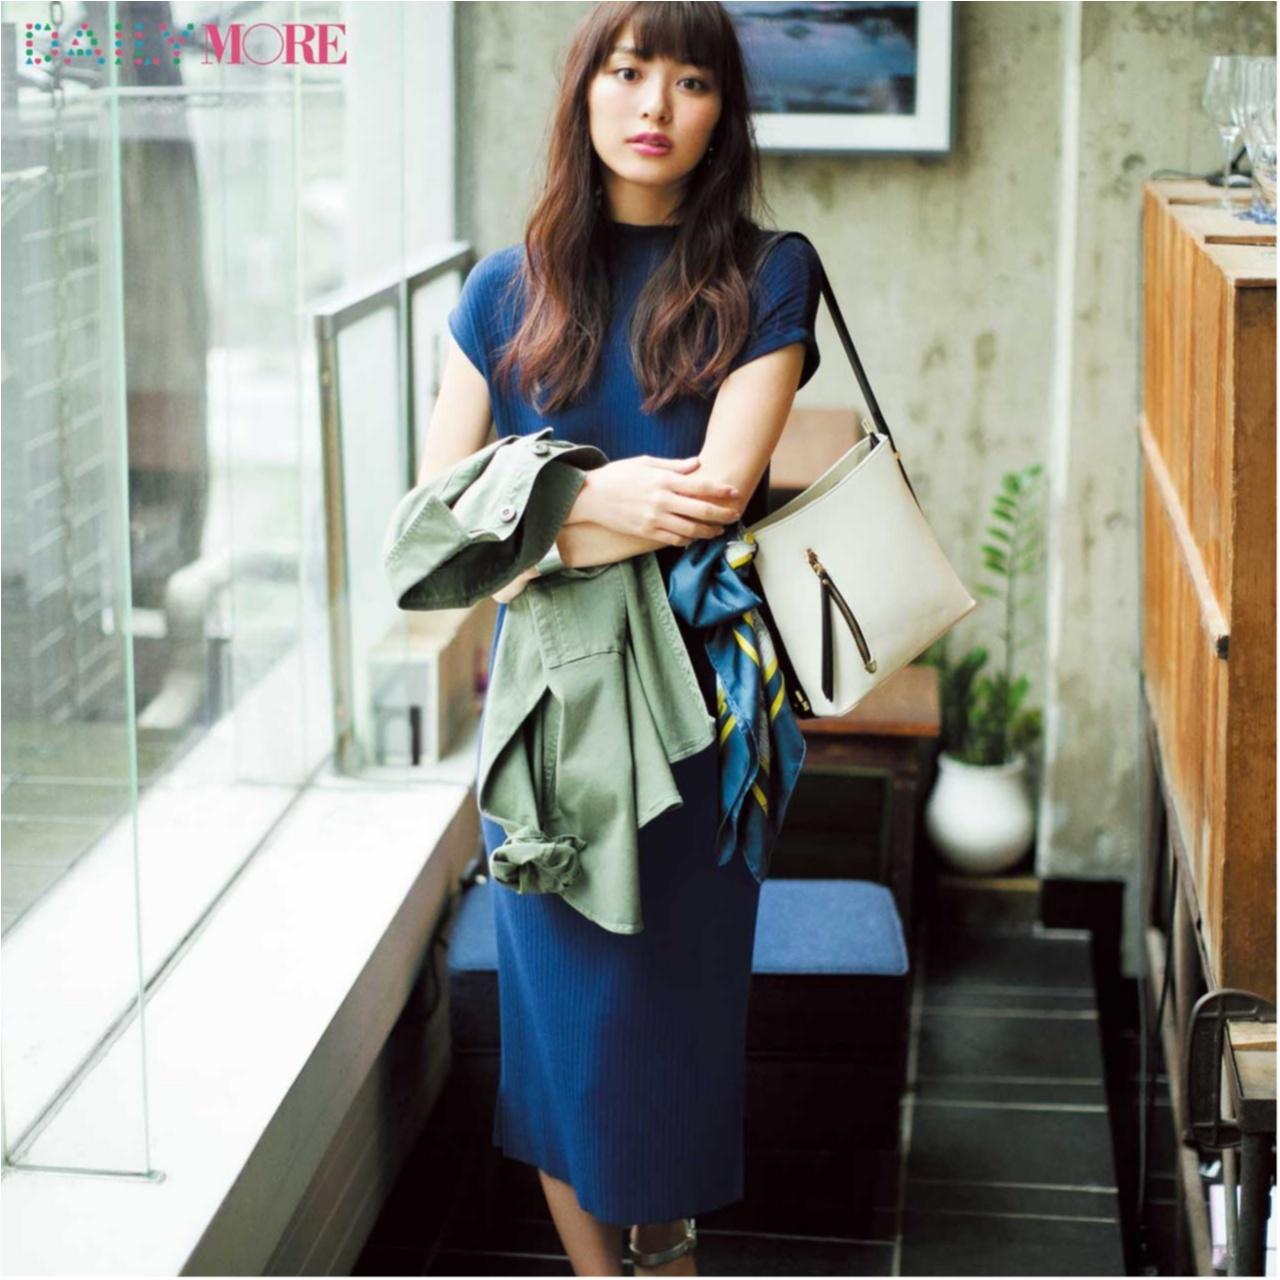 佐藤ありさ&内田理央が結婚式で着るおよばれ服って!? 今週のランキングトップ3♡_1